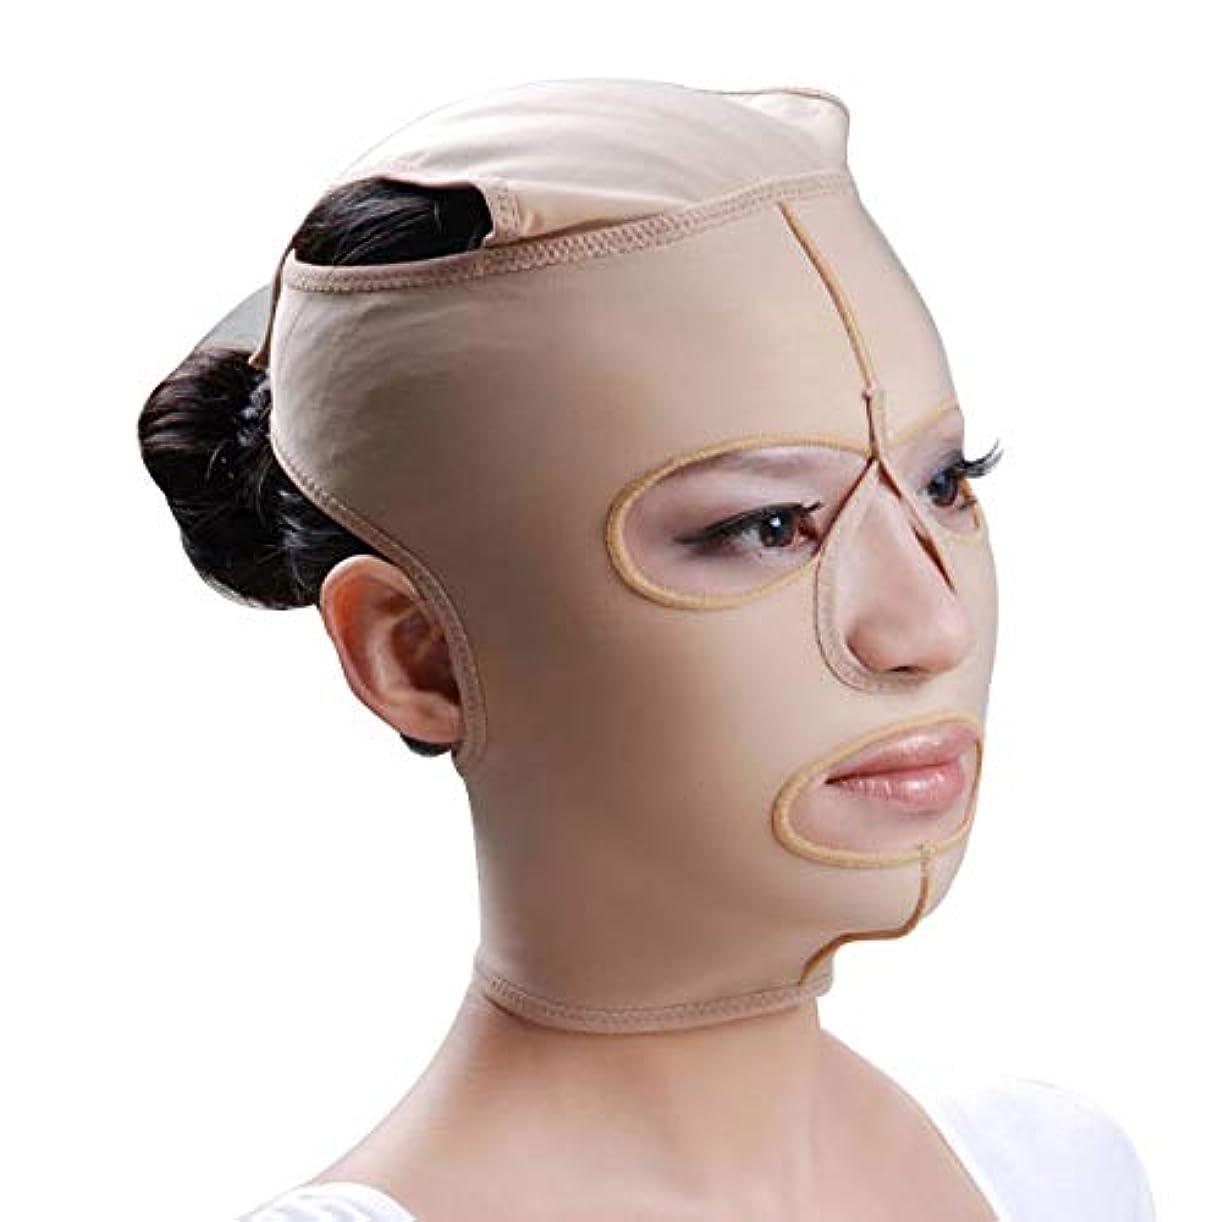 生き物小さな弁護XHLMRMJ 引き締めフェイスマスク、フェイシャルマスク弾性フェイスリフティングリフティング引き締めパターンマイクロ仕上げポストモデリング圧縮フェイスマスク (Size : S)